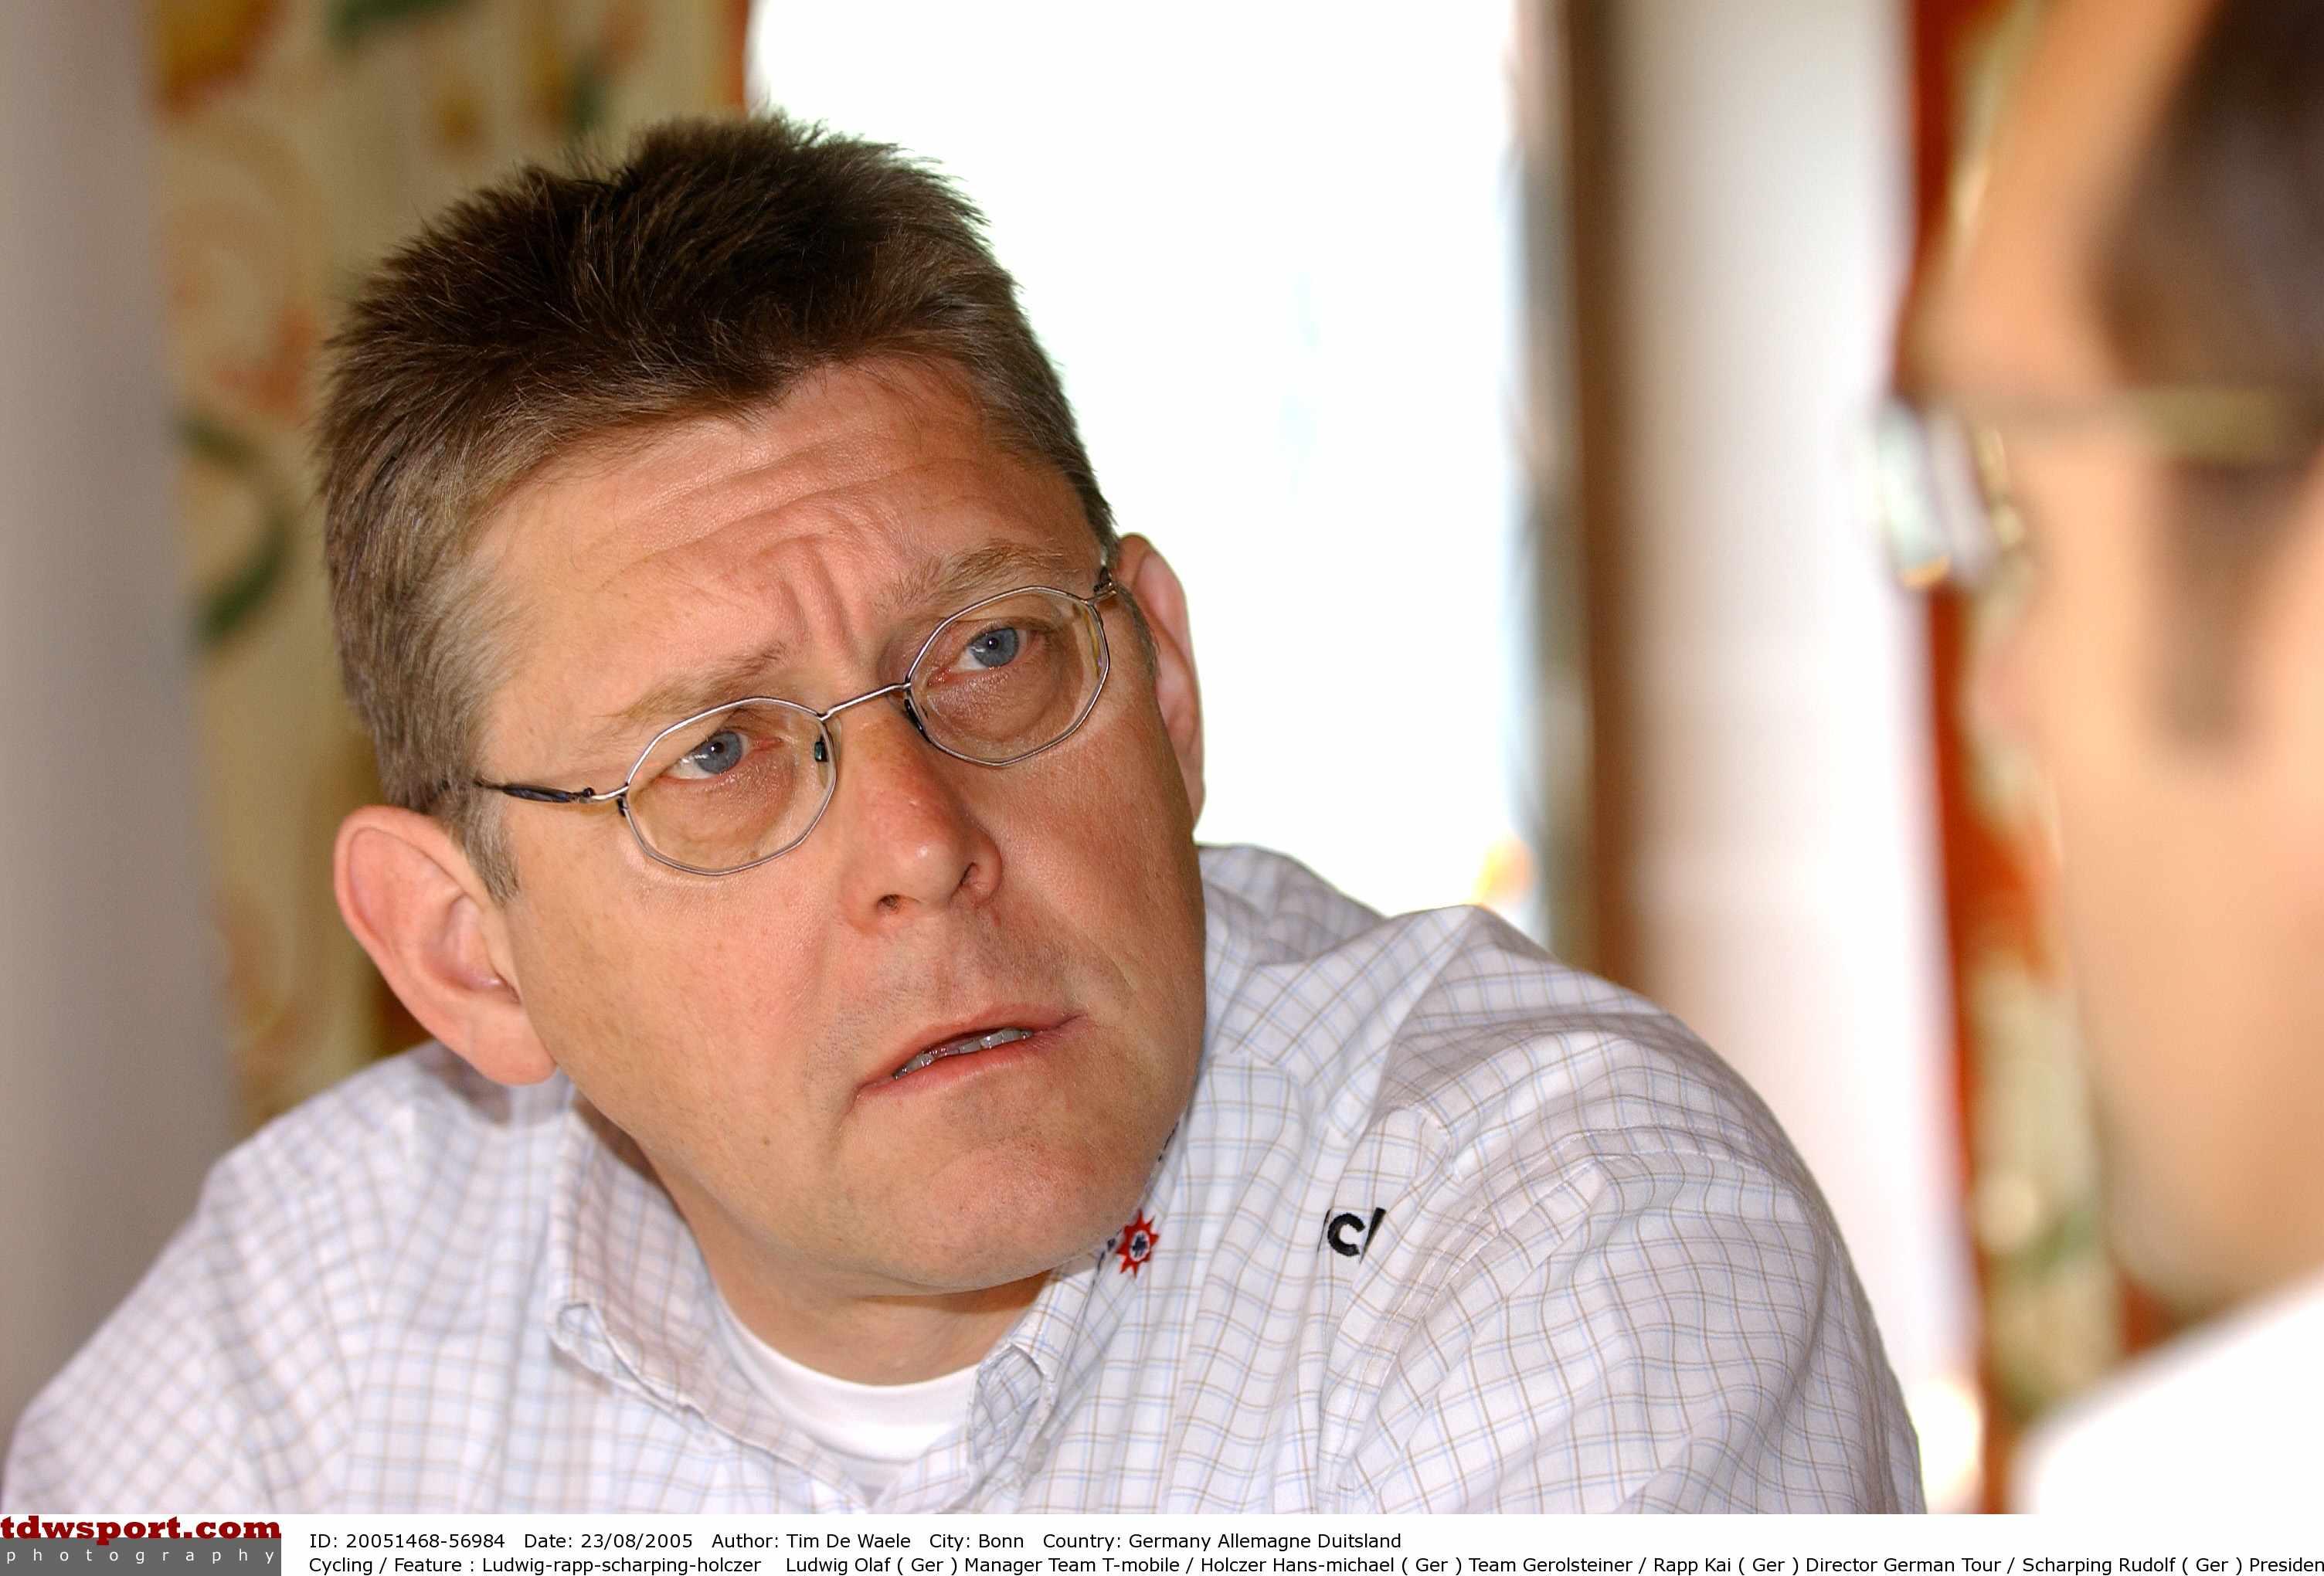 Team Gerolsteiner chief Hans-Michael Holczer.